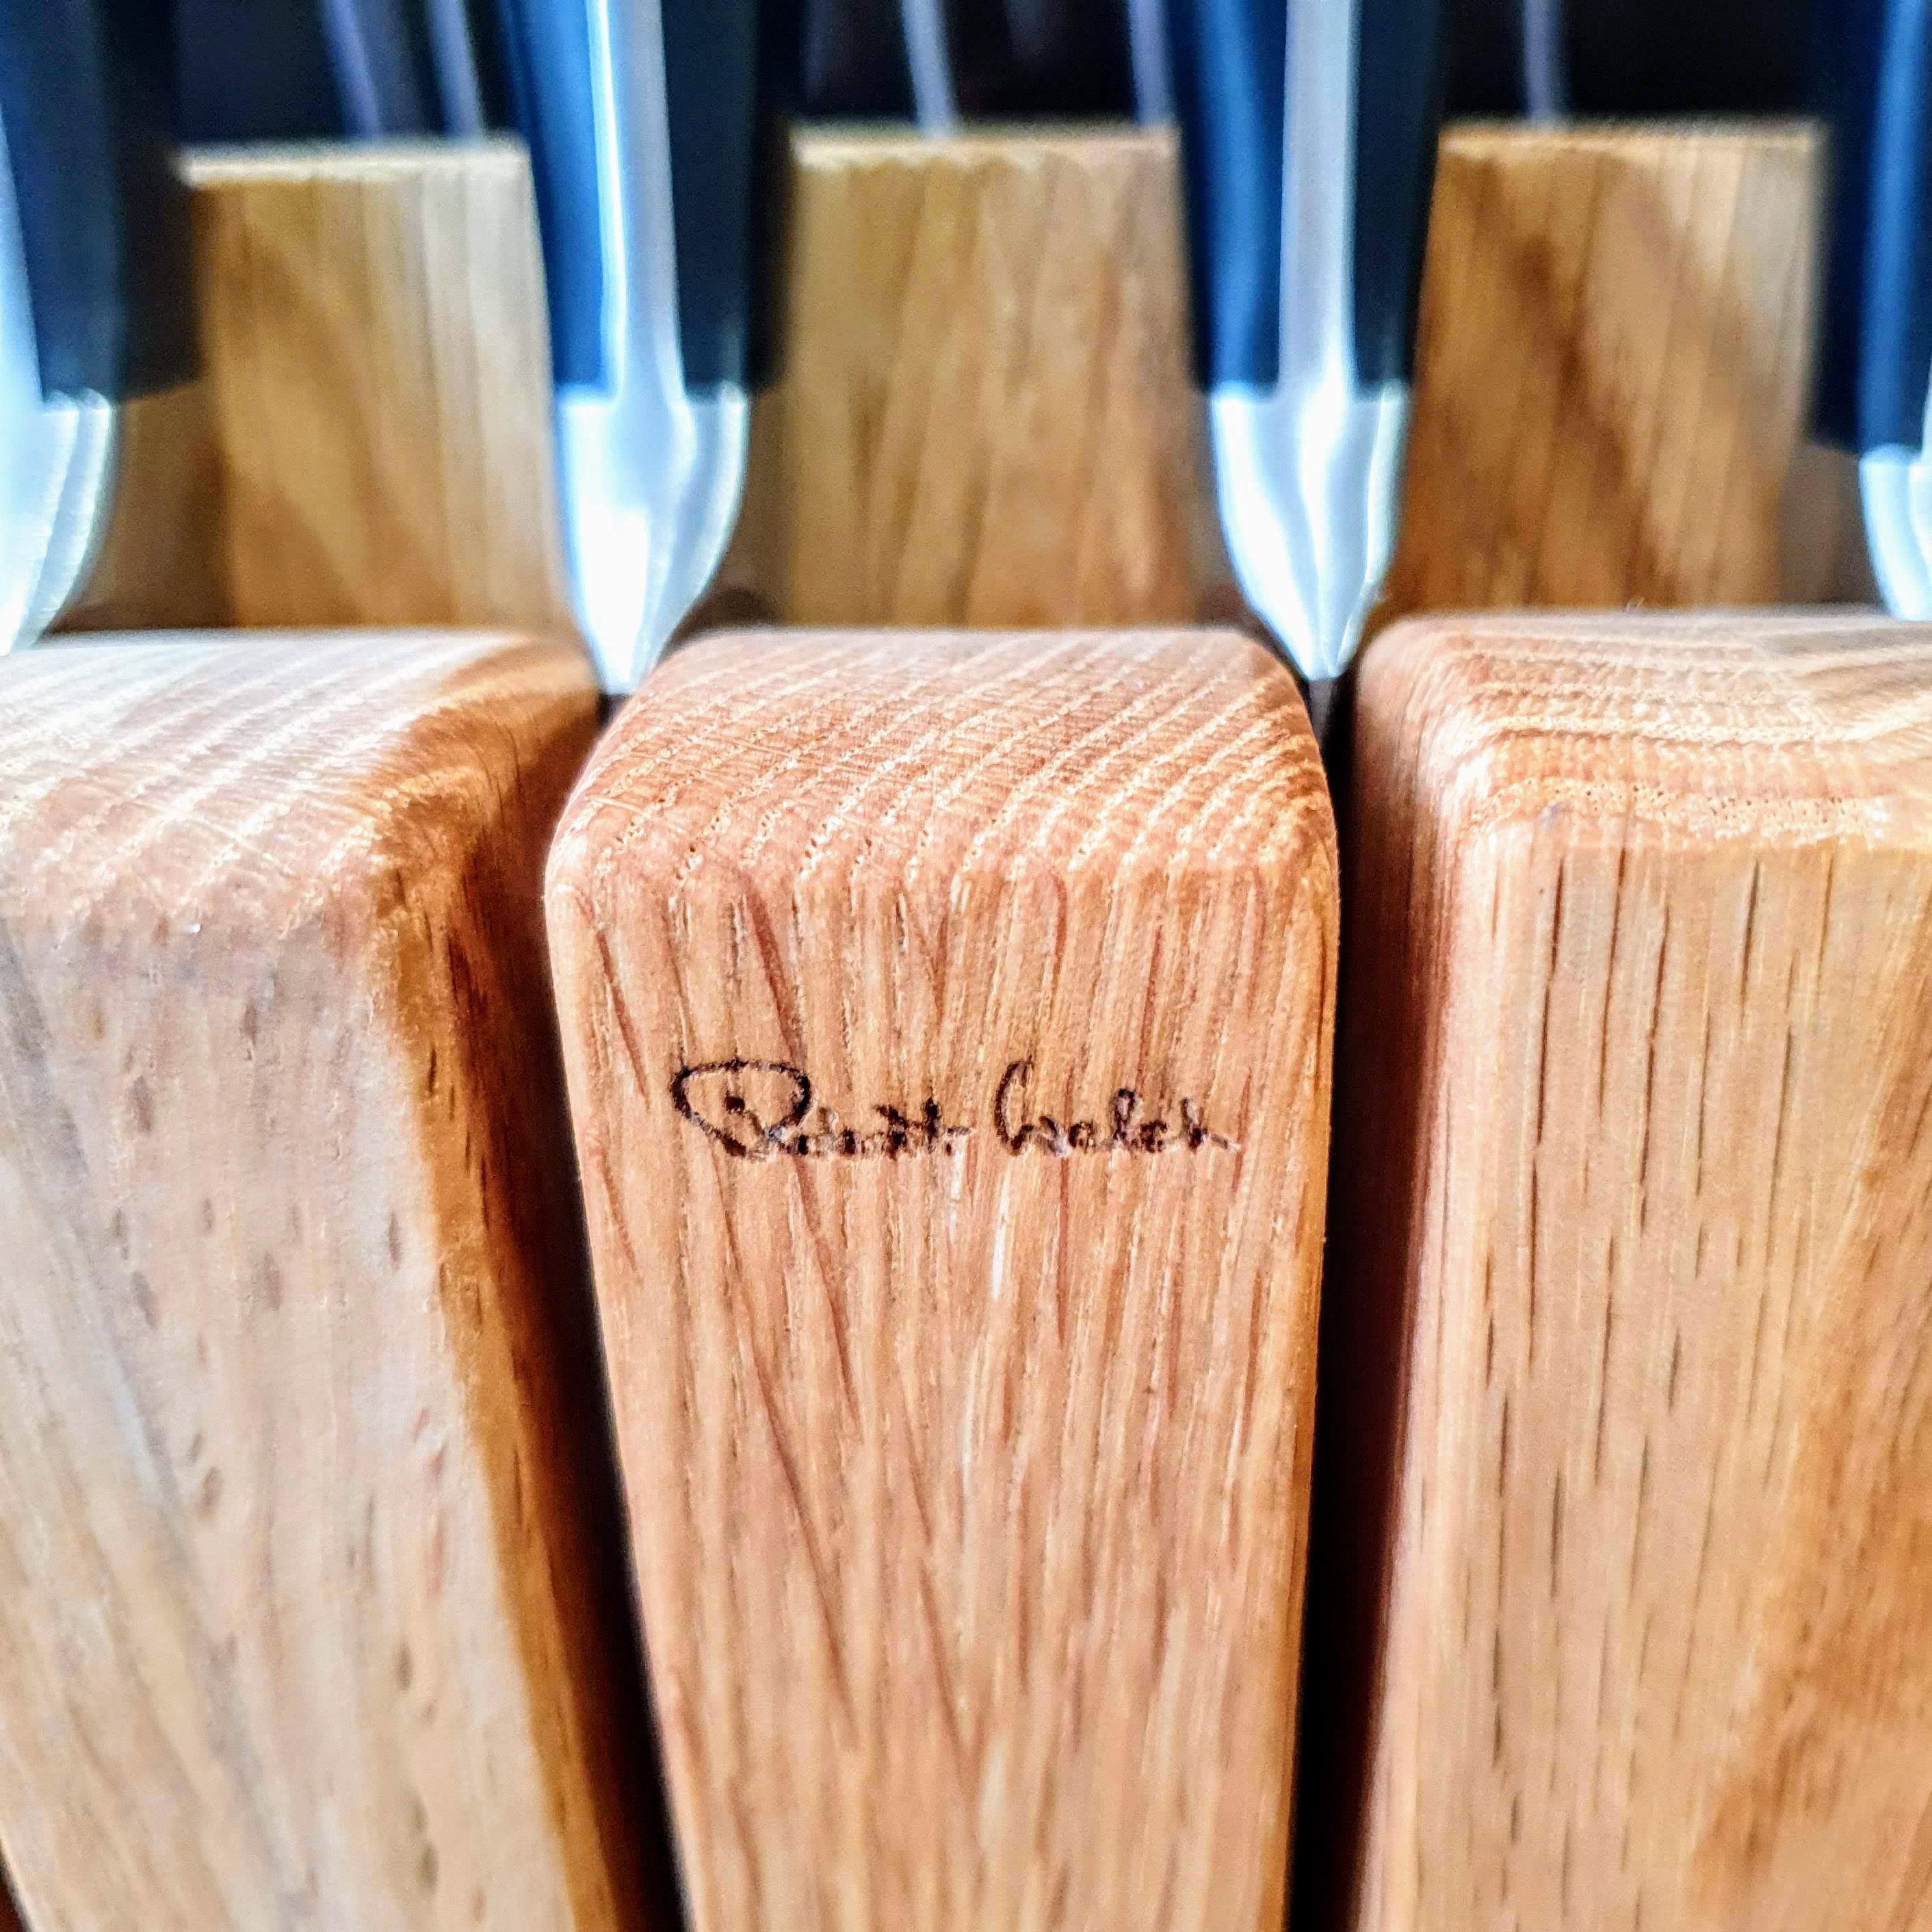 Robert Welsh Knifes close